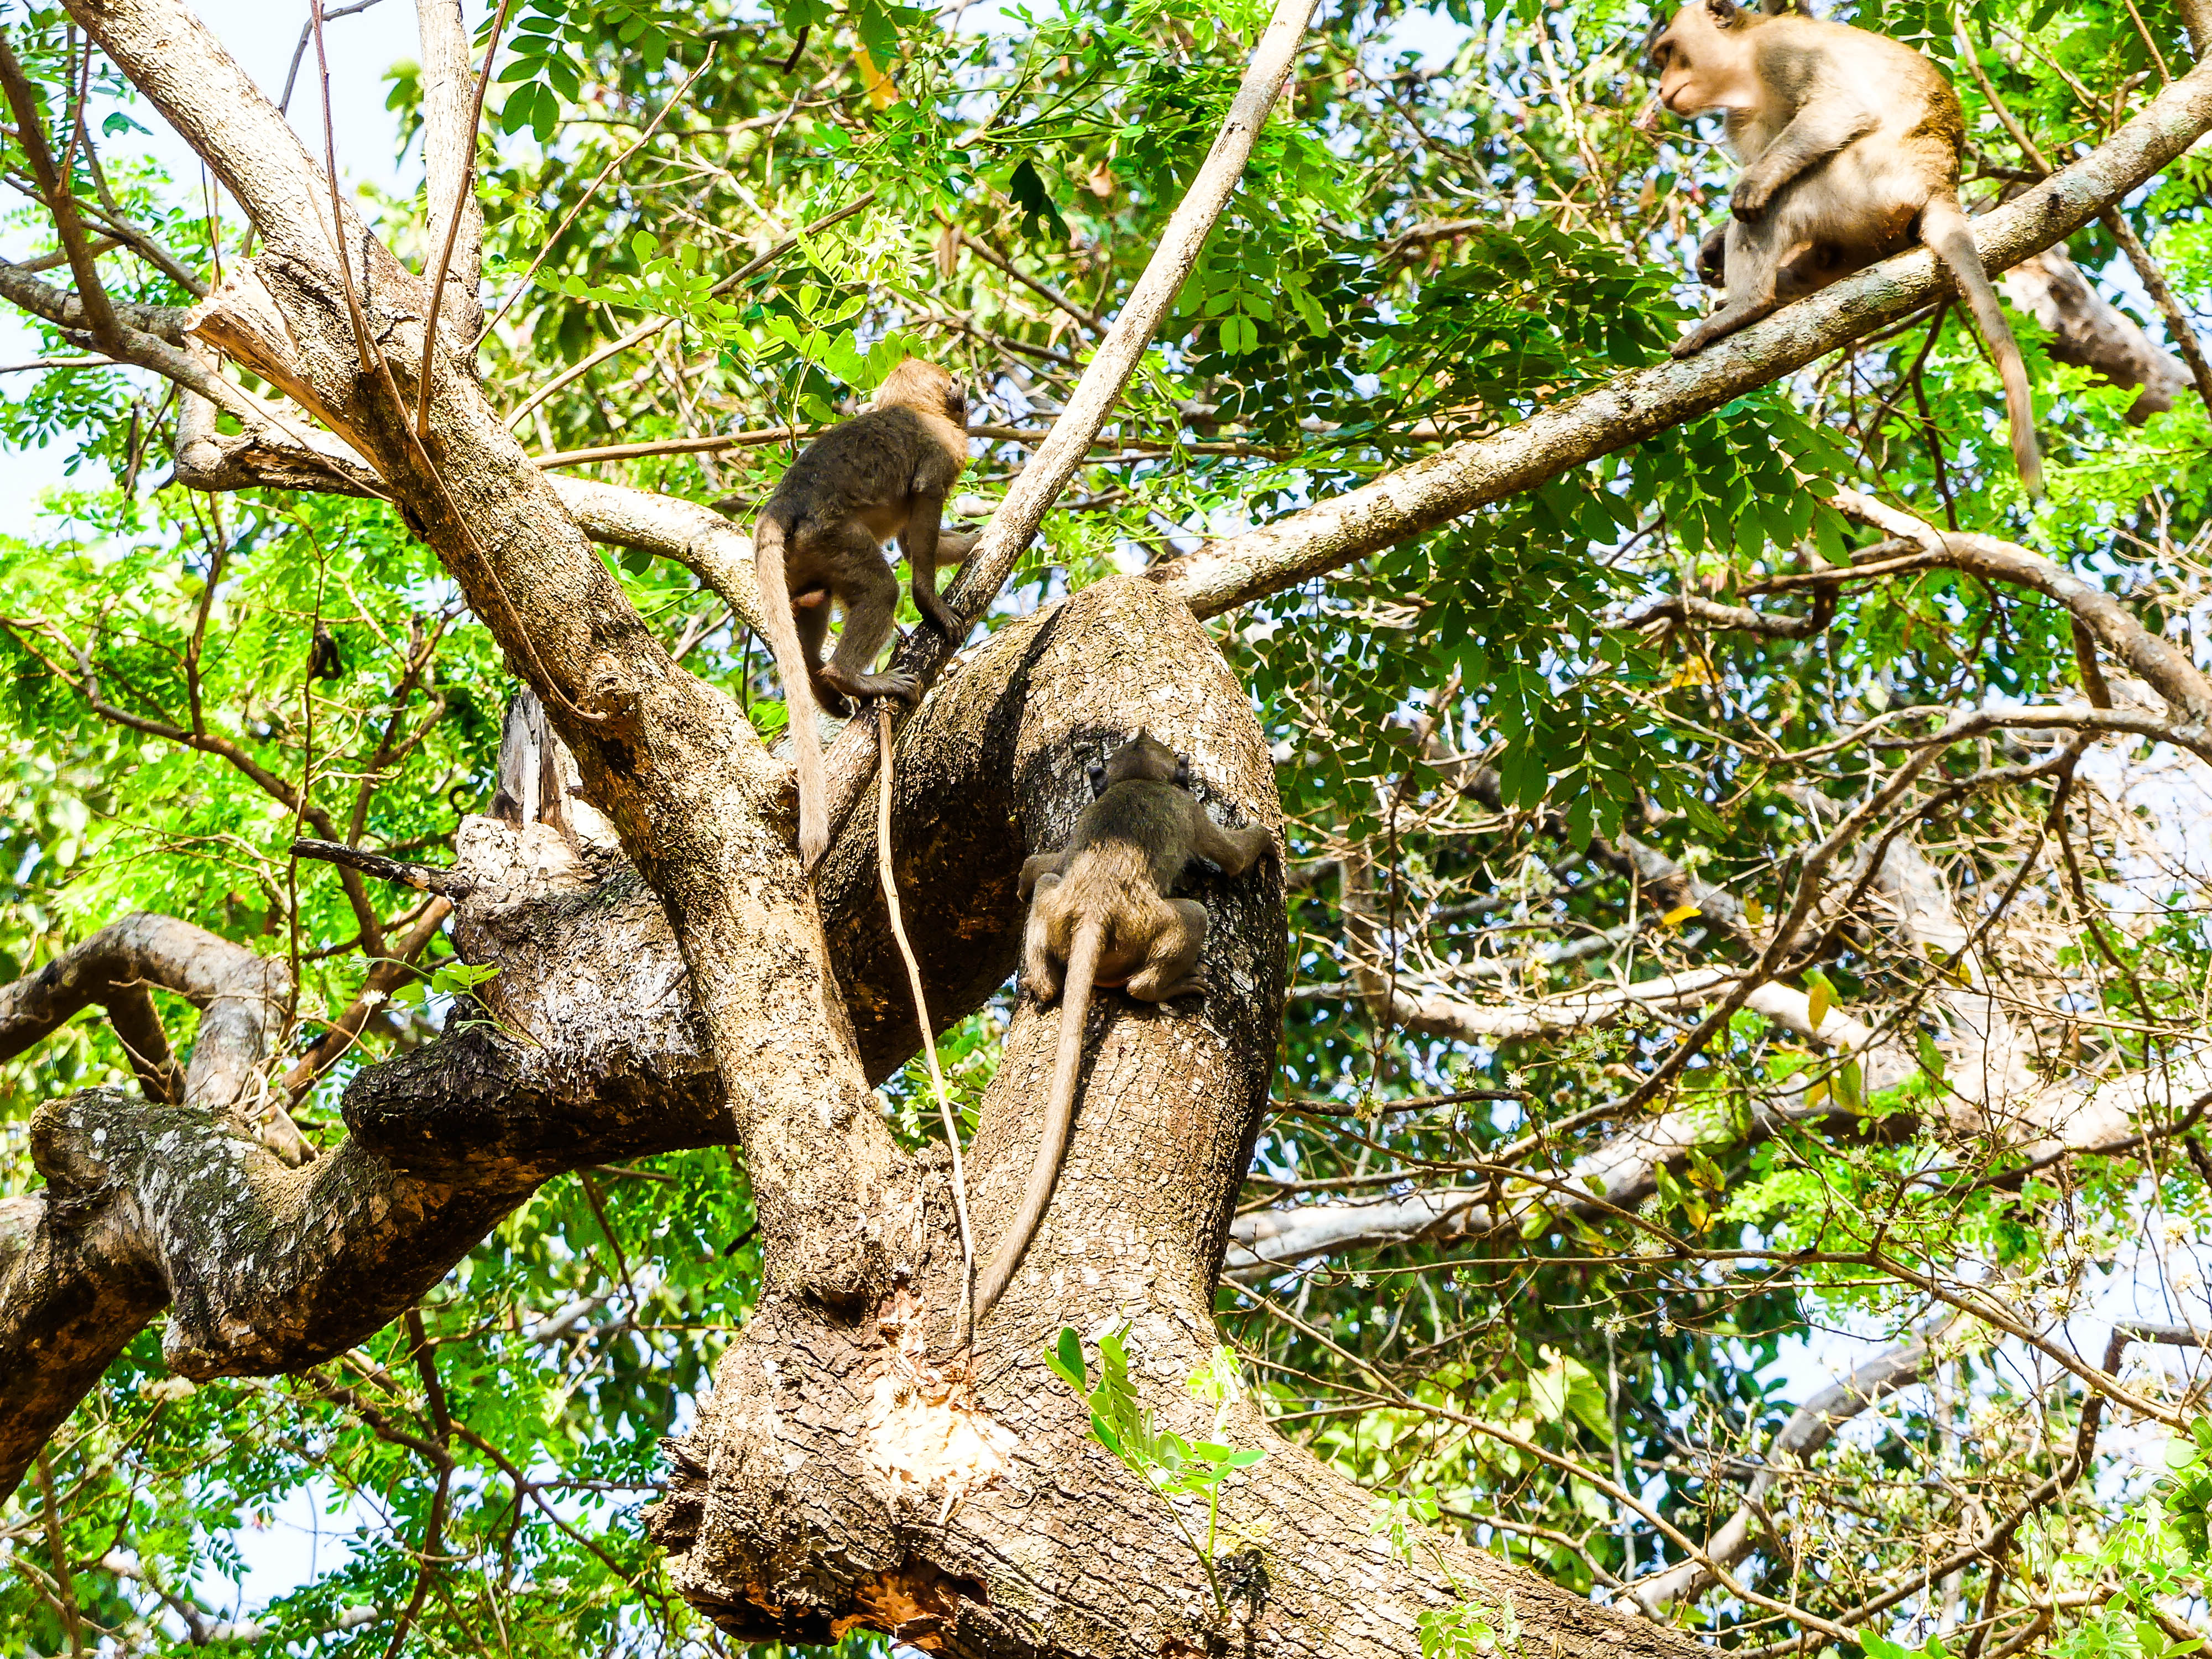 Affen auf dem Baum